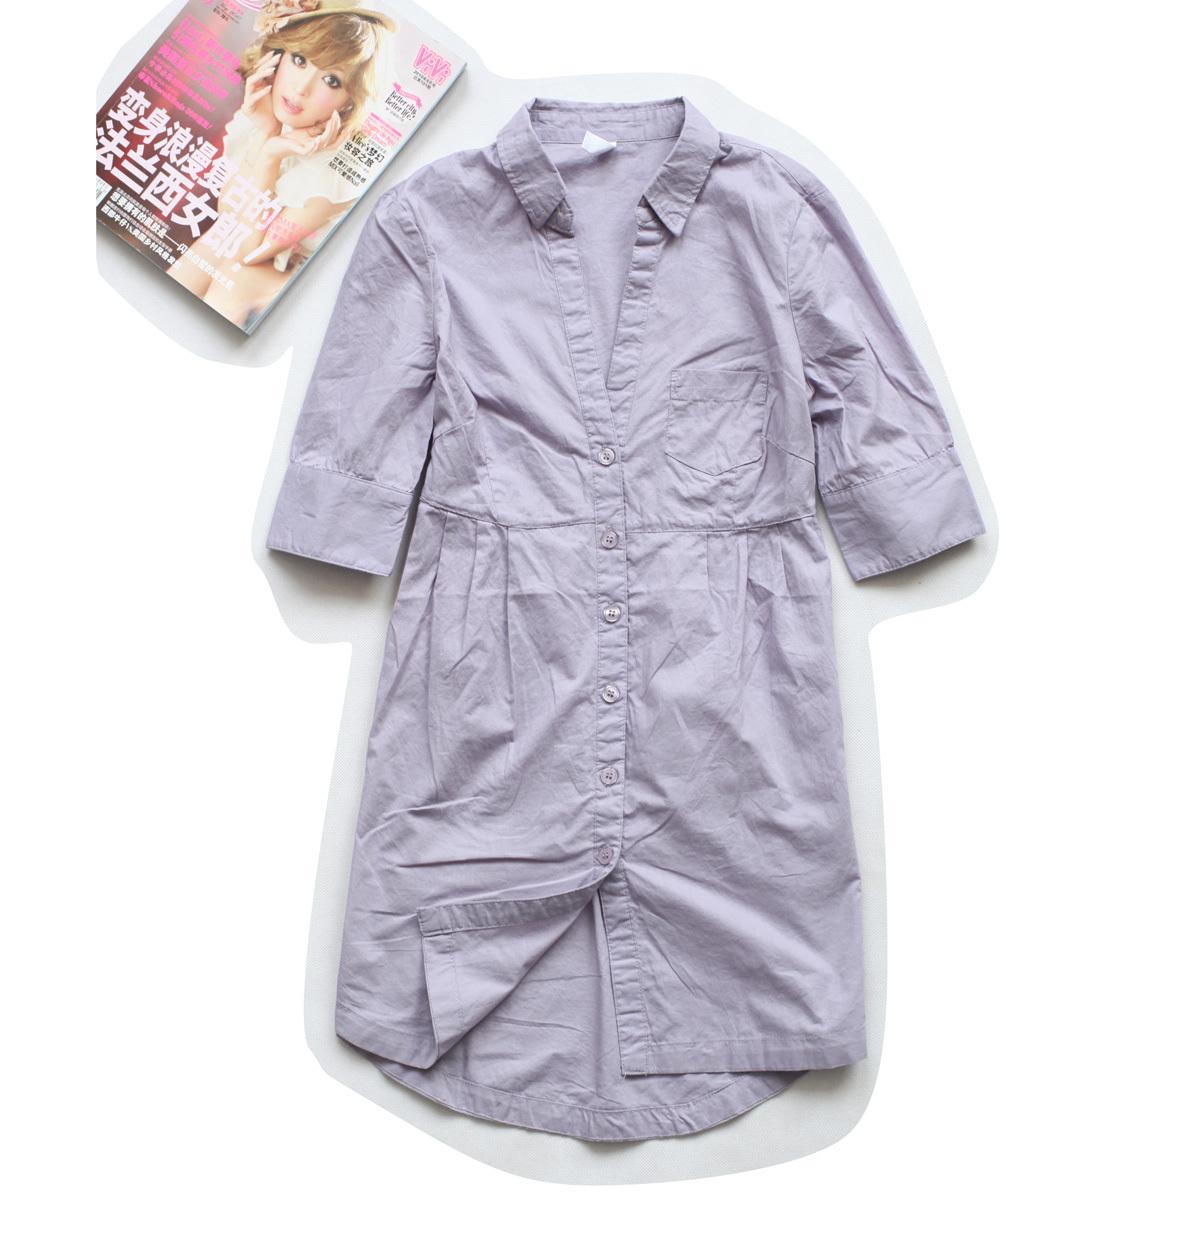 женская рубашка 31-3 Повседневный Короткий рукав Однотонный цвет Воротник-стойка